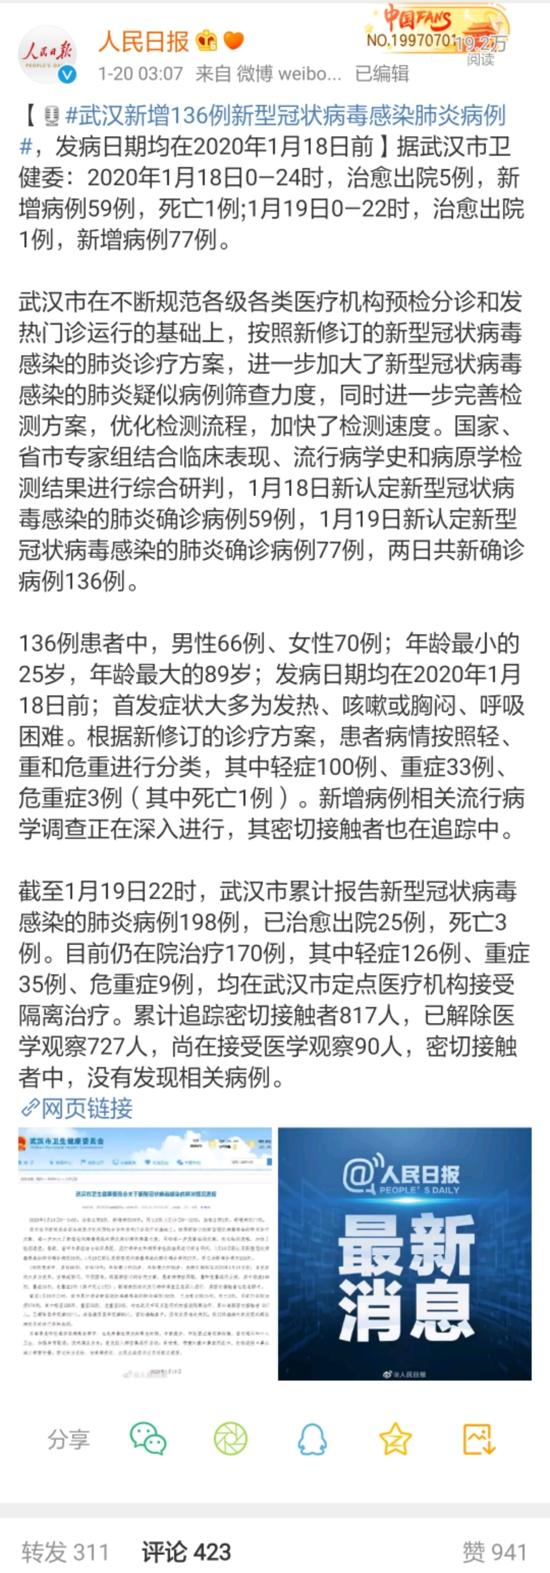 警报!北京深圳首次发现新型肺炎病例 武汉昨日突增136例